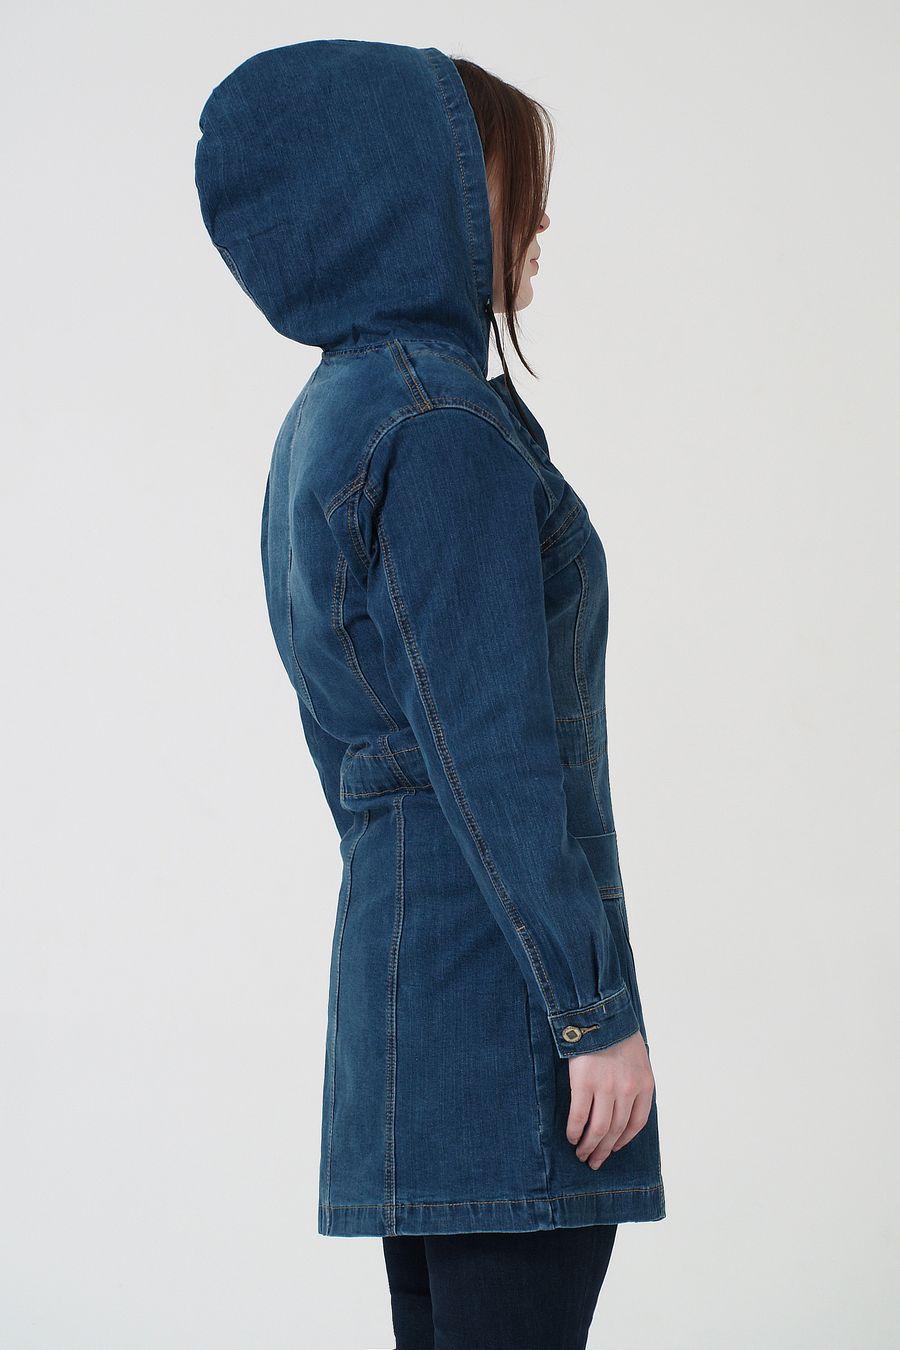 Пиджак женский (джинсовка) K.Y Jeans 901 - фото 3